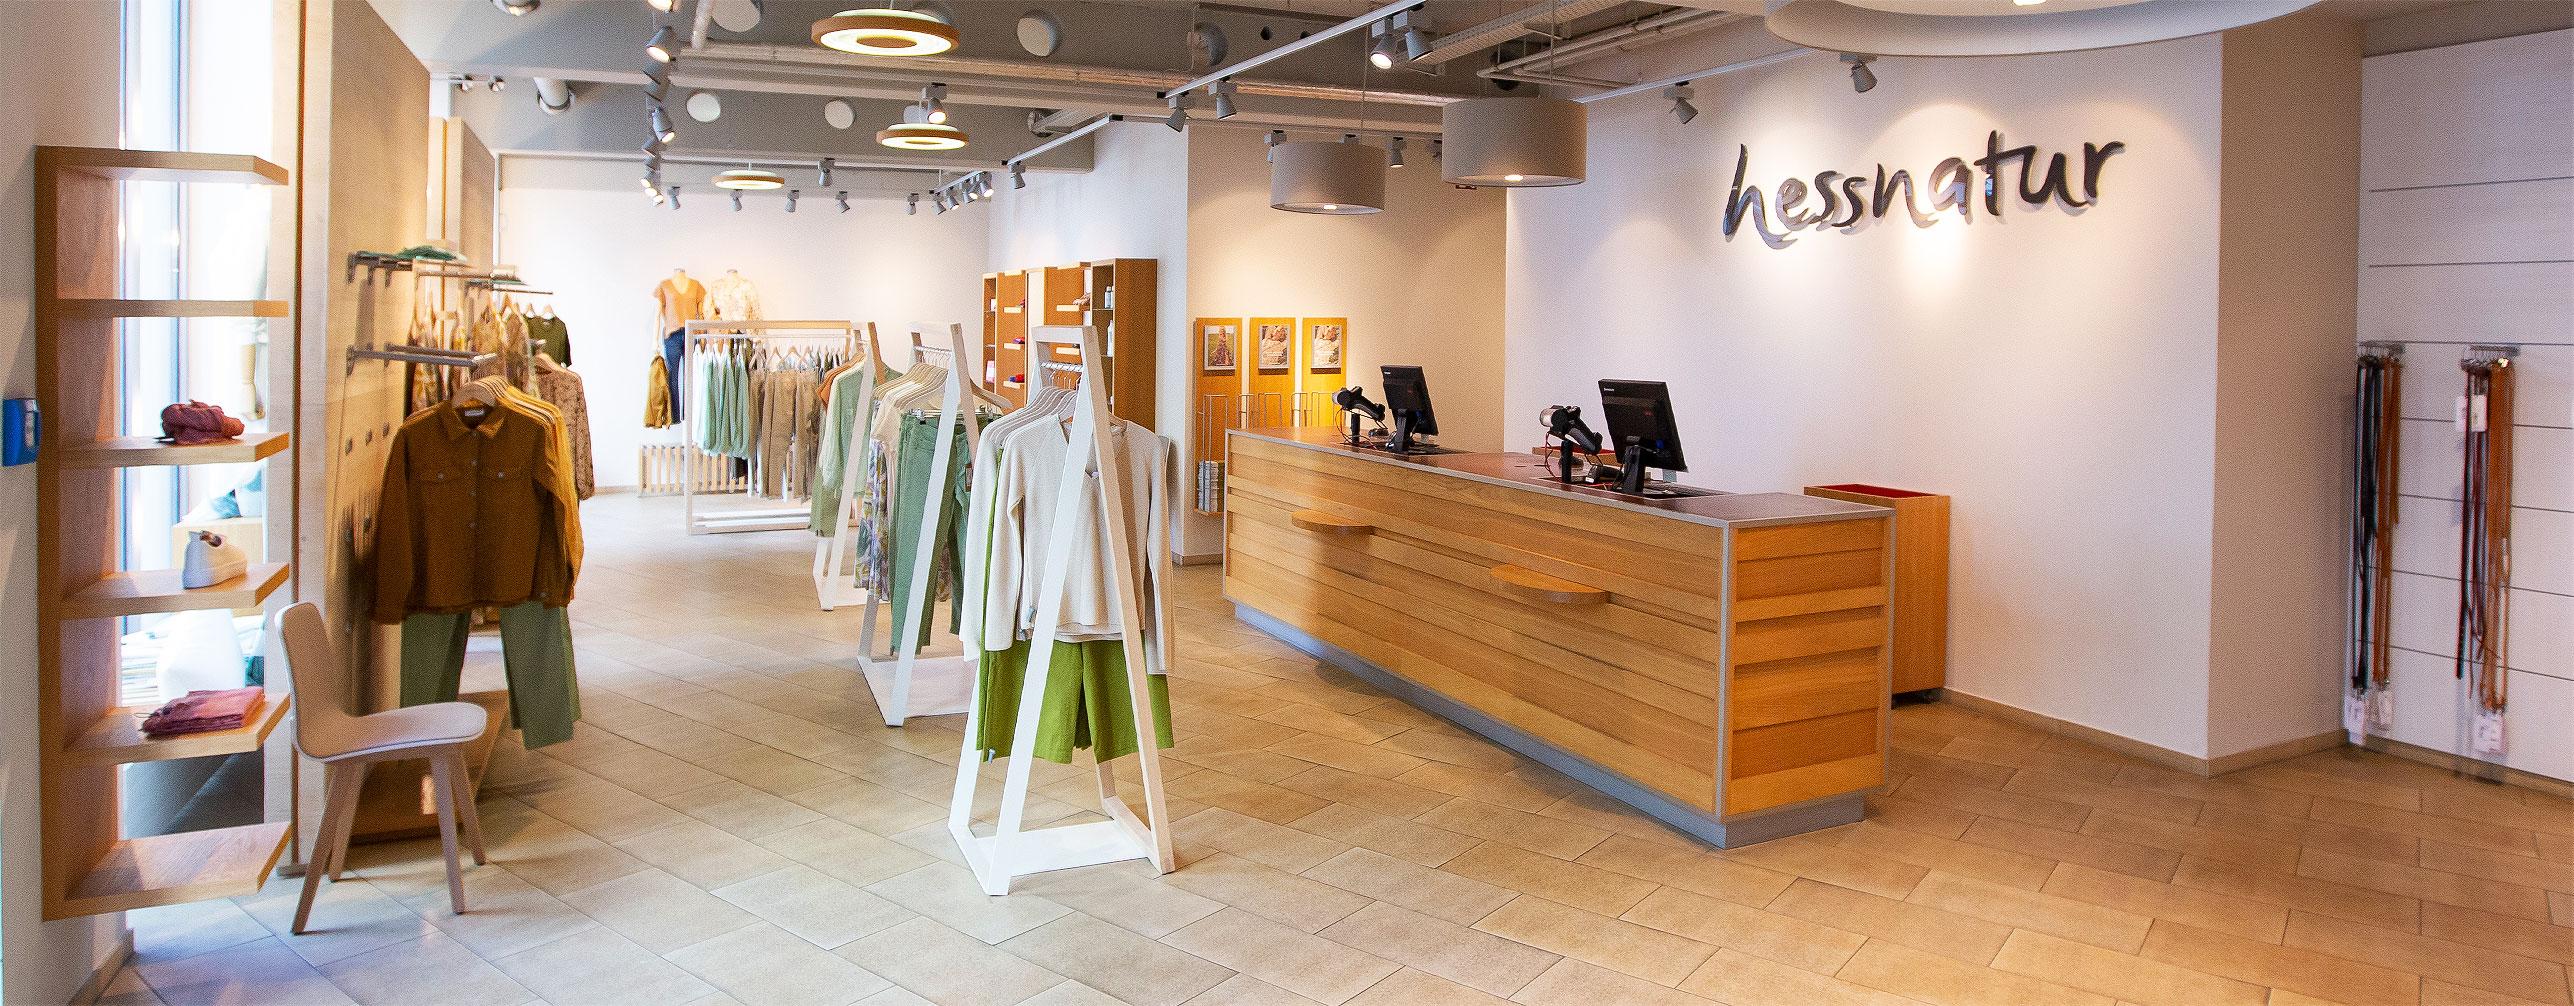 Shop Fur Faire Kleidung In Hamburg Oko Mode In Hamburg Kaufen Hessnatur Deutschland